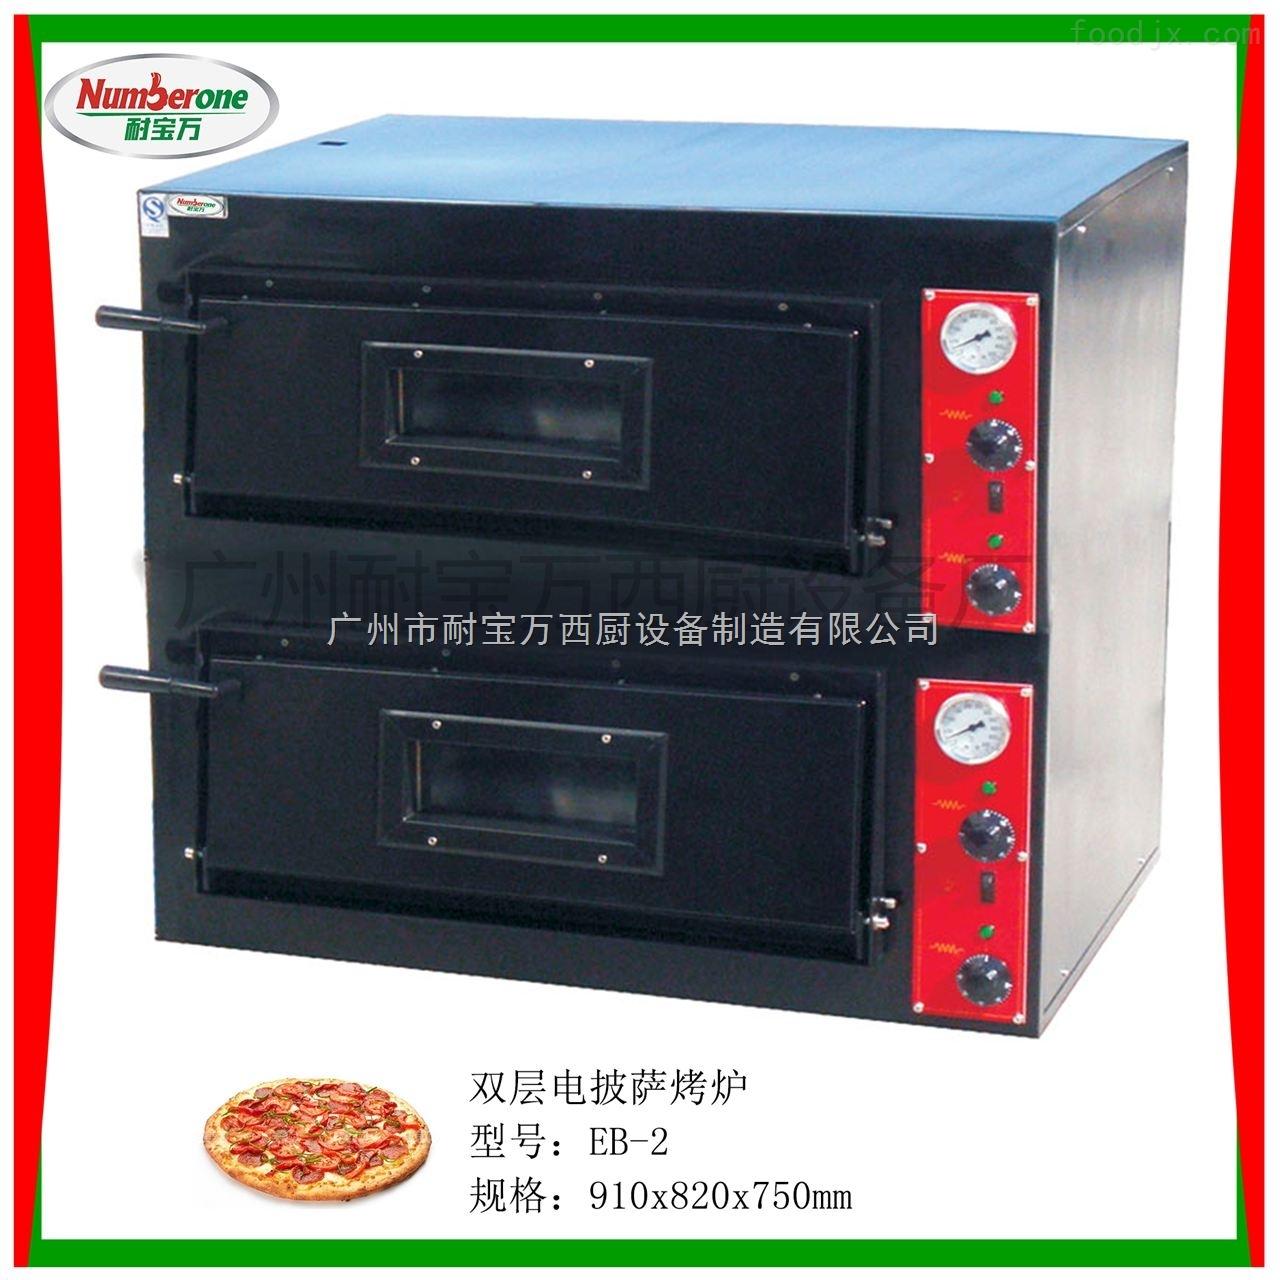 双层电披萨烤炉